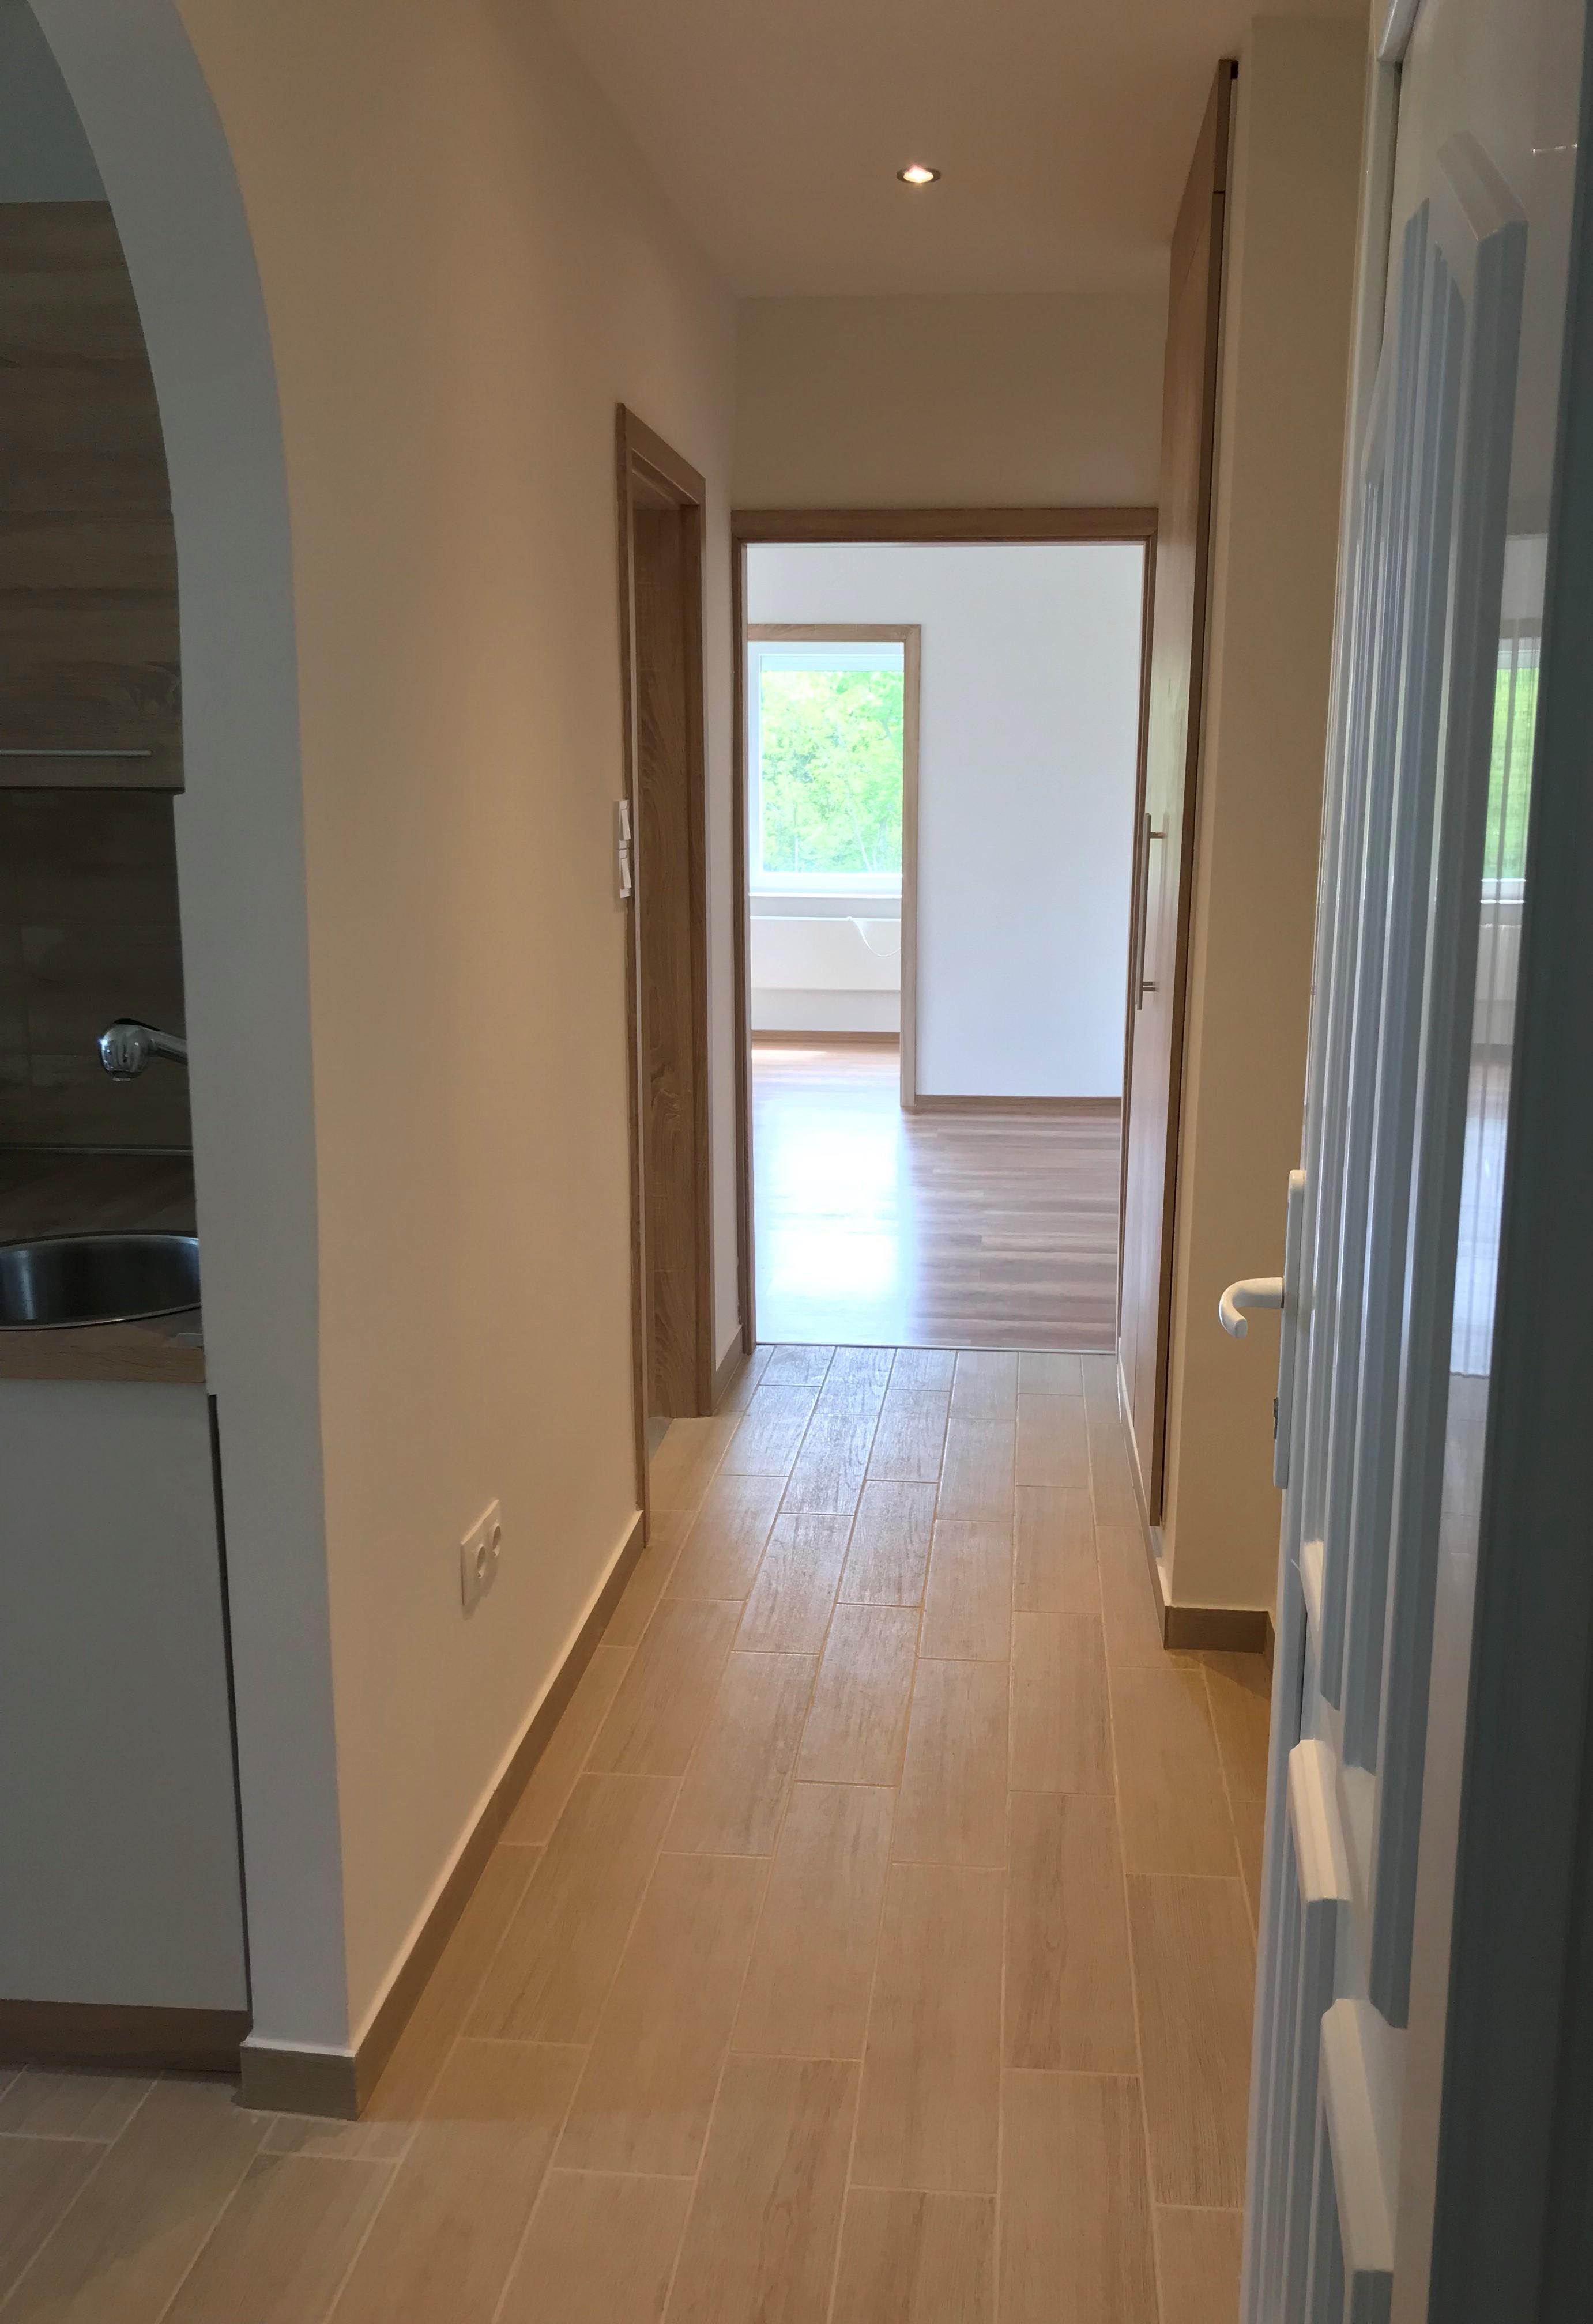 Gyömrő egyik régebbi lakótelepén,csendes,békés környezetben eladó egy teljesen felújított tégla lakás!